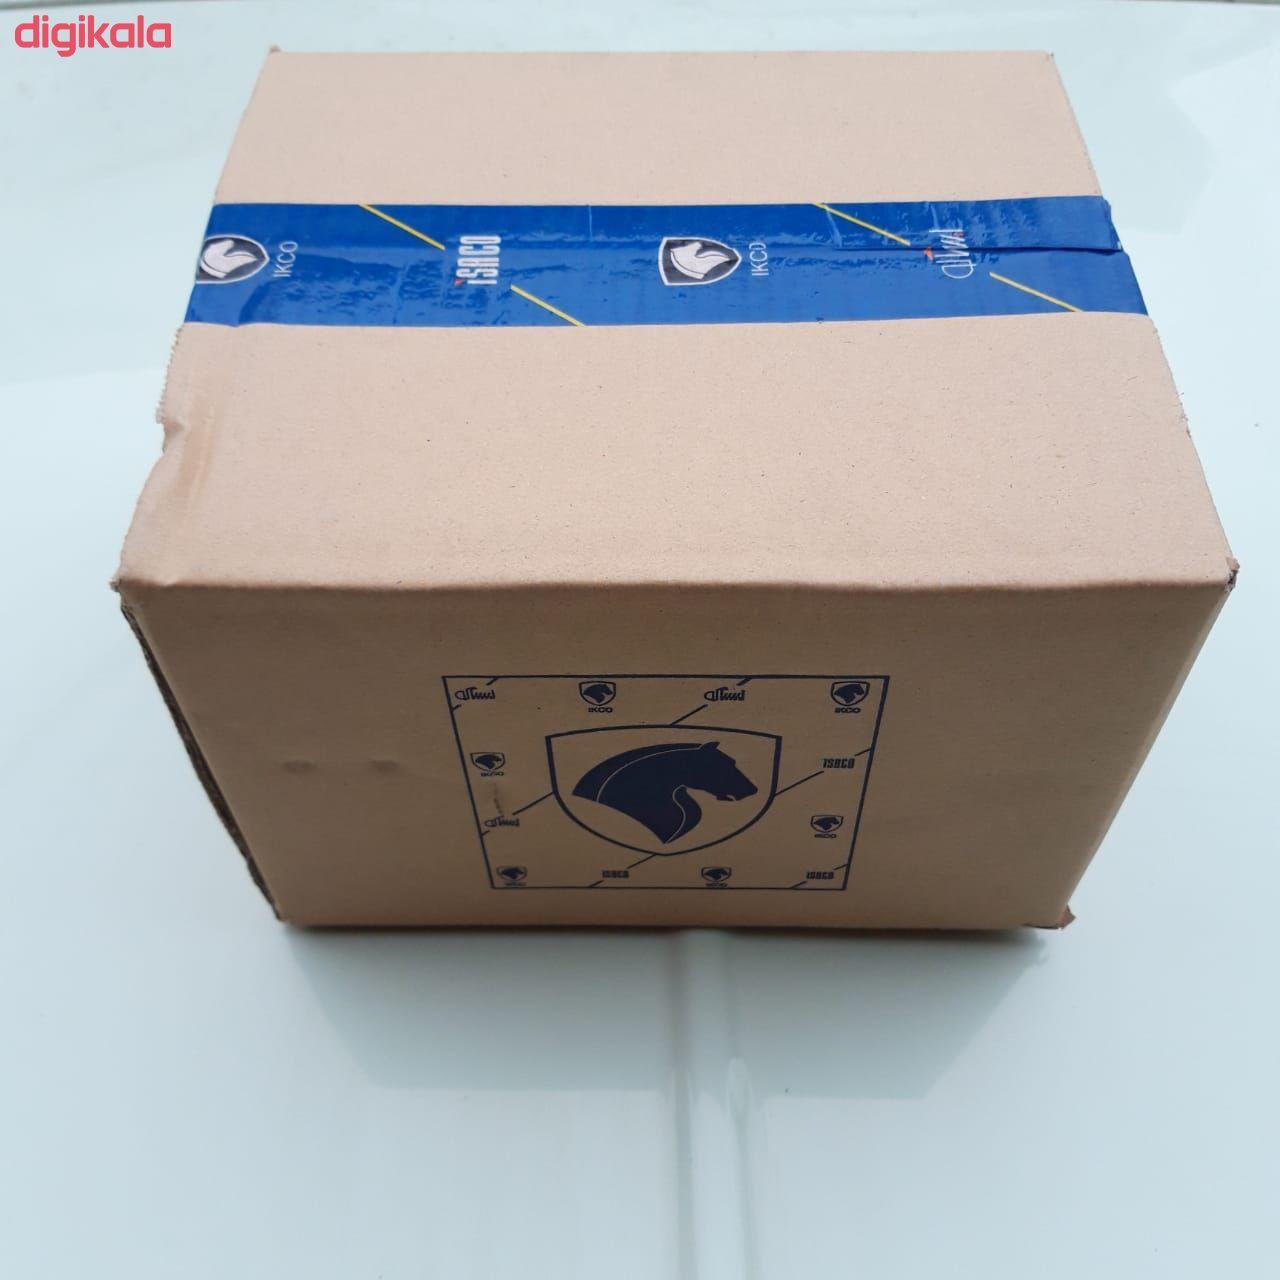 اویل پمپ ایساکو کد 0360101005 مناسب برای پژو 405 main 1 4